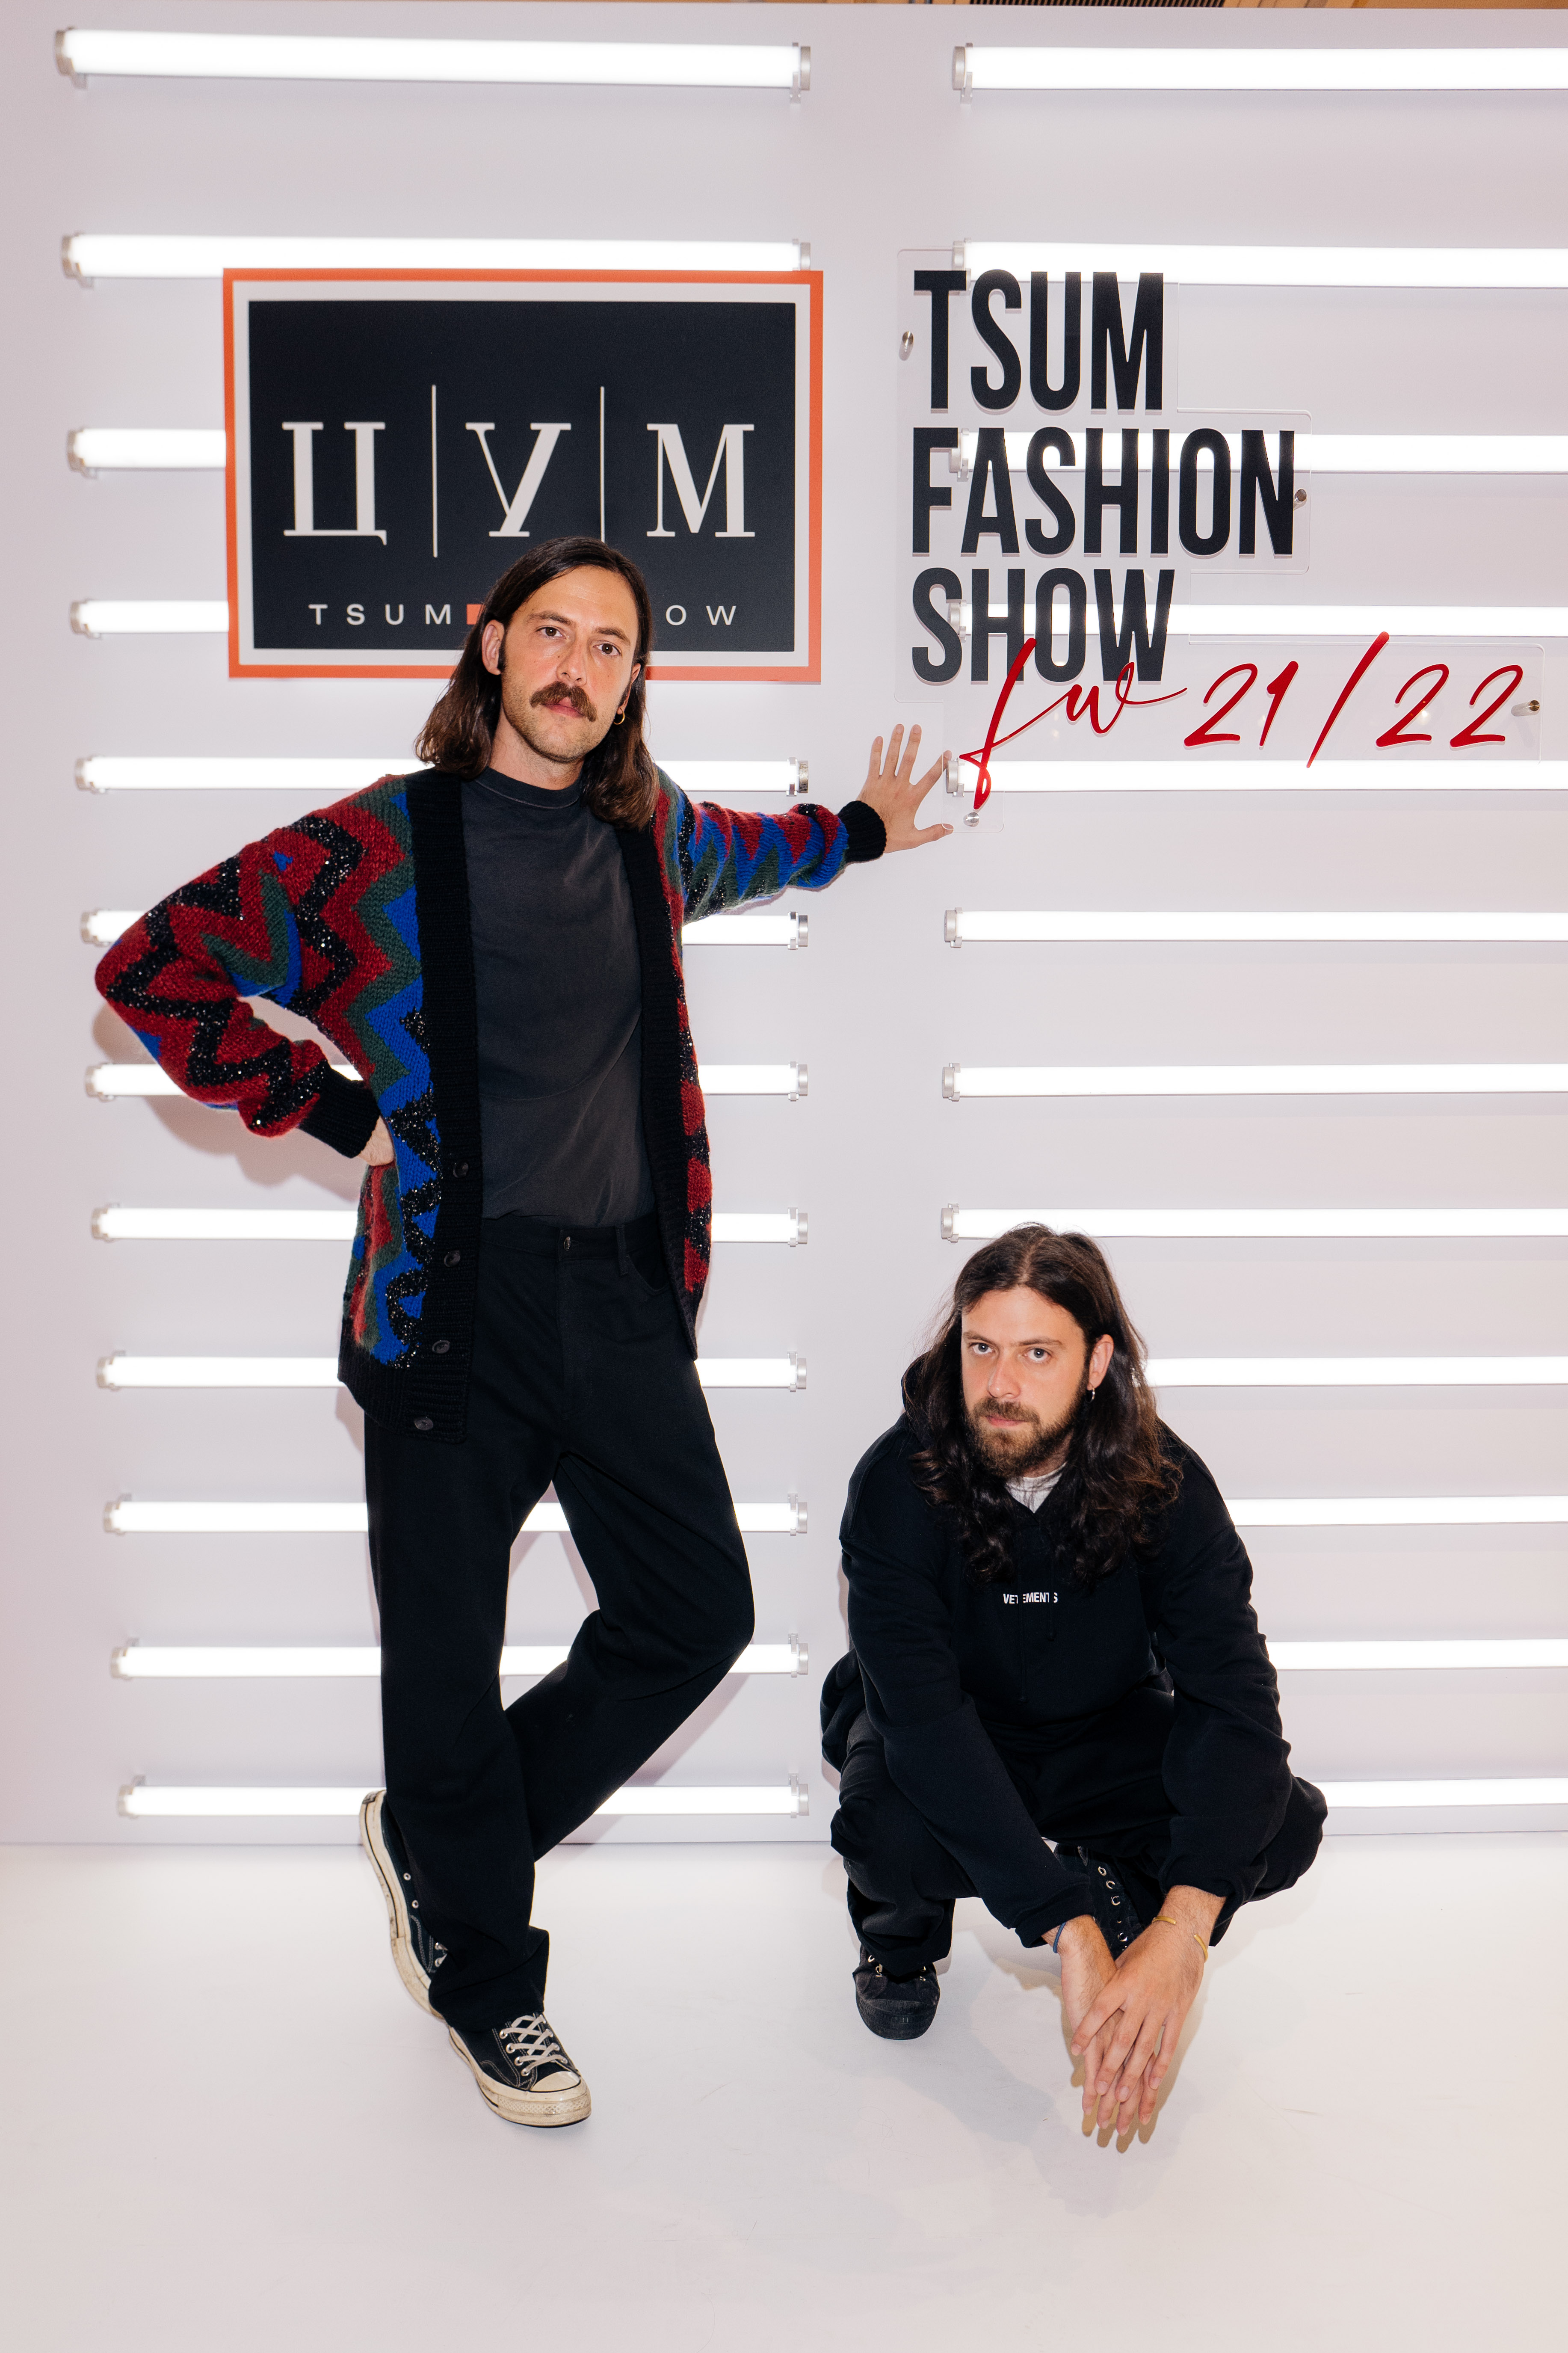 Simple Symmetry собрали плейлист для осенних вечеров по следам Tsum Fashion Show (фото 1)